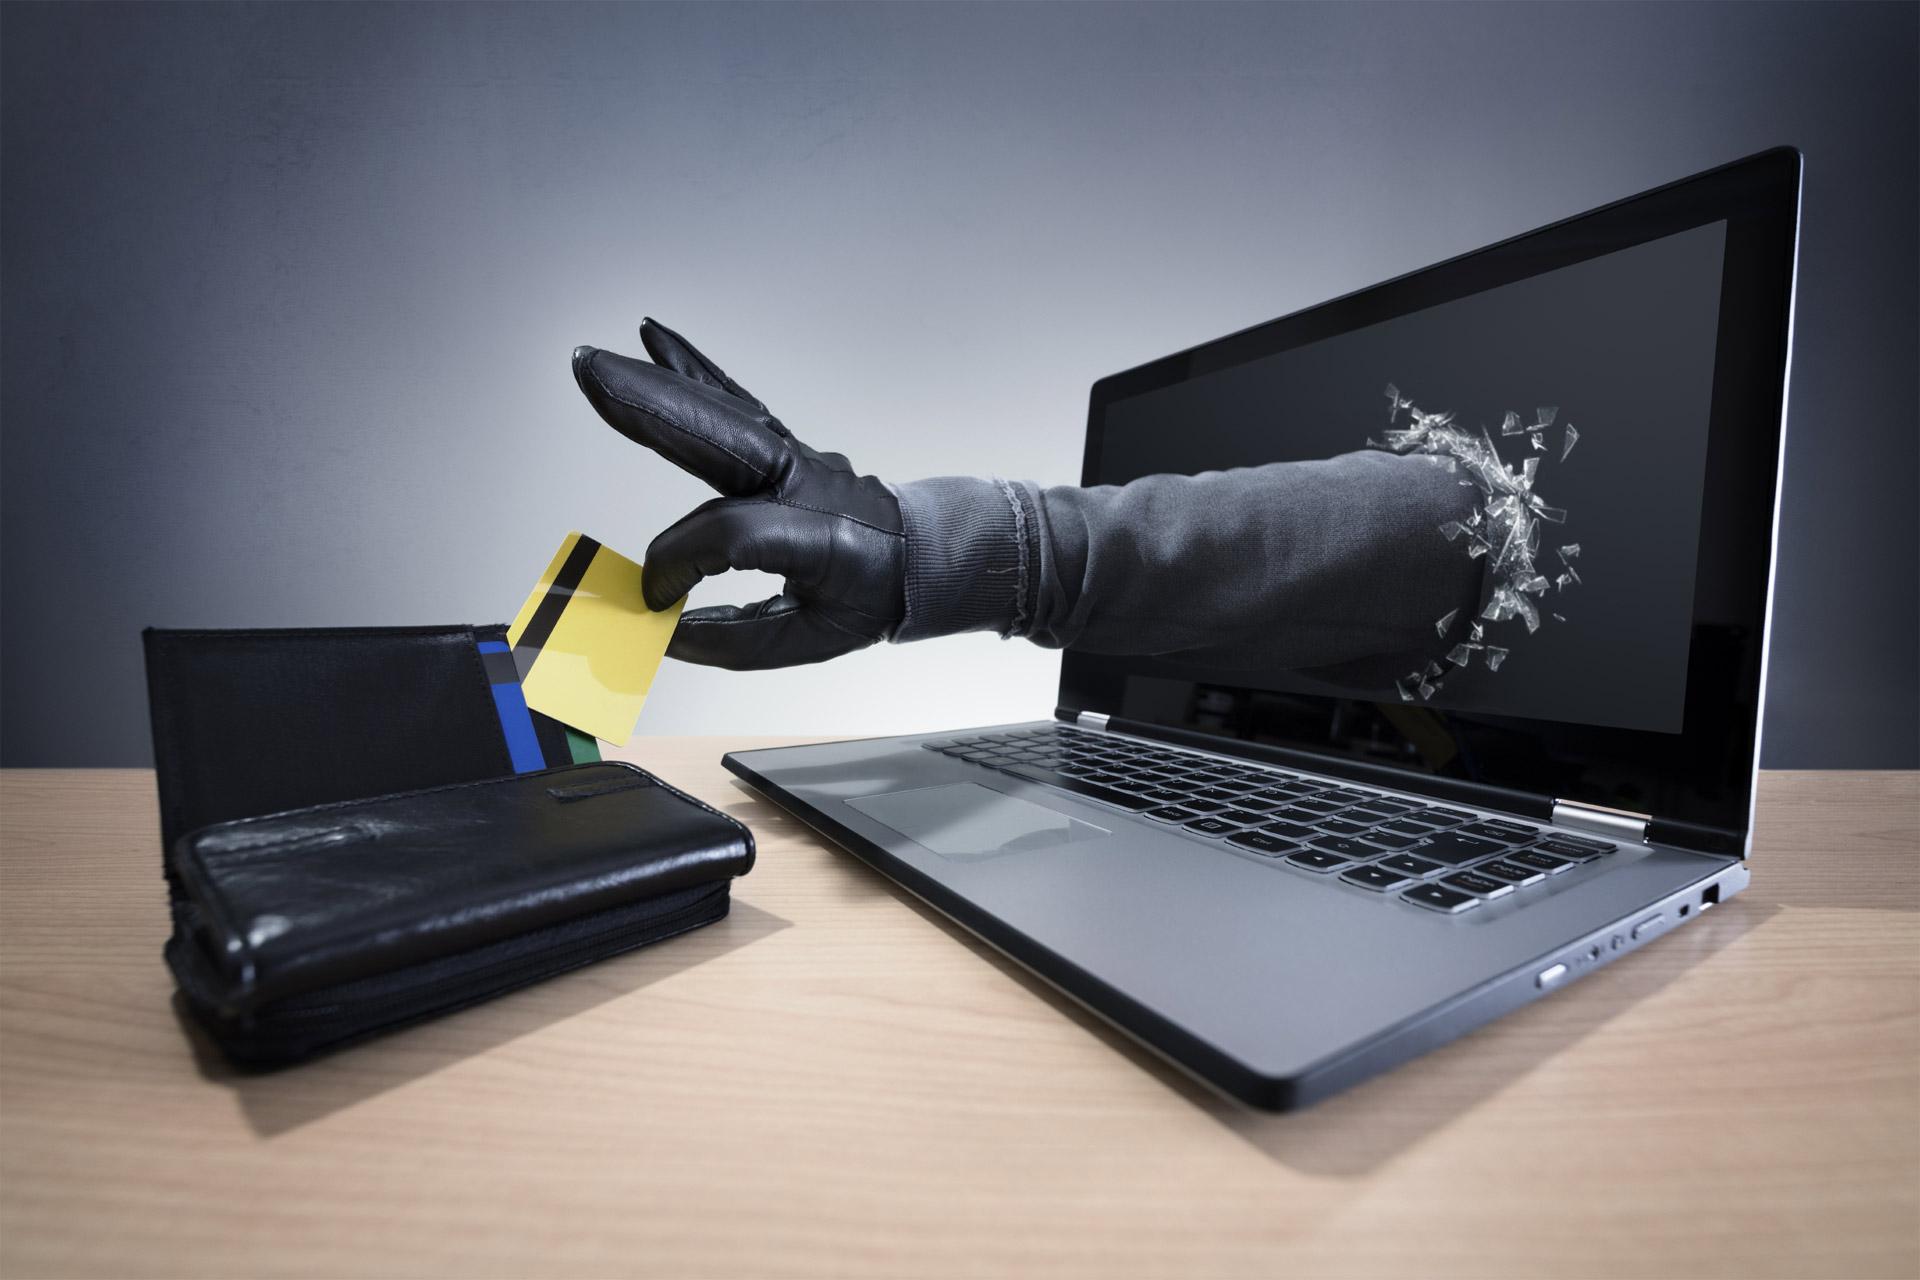 ESET presenta buenas prácticas para identificar engaños y protegernos frente a posibles robos de información